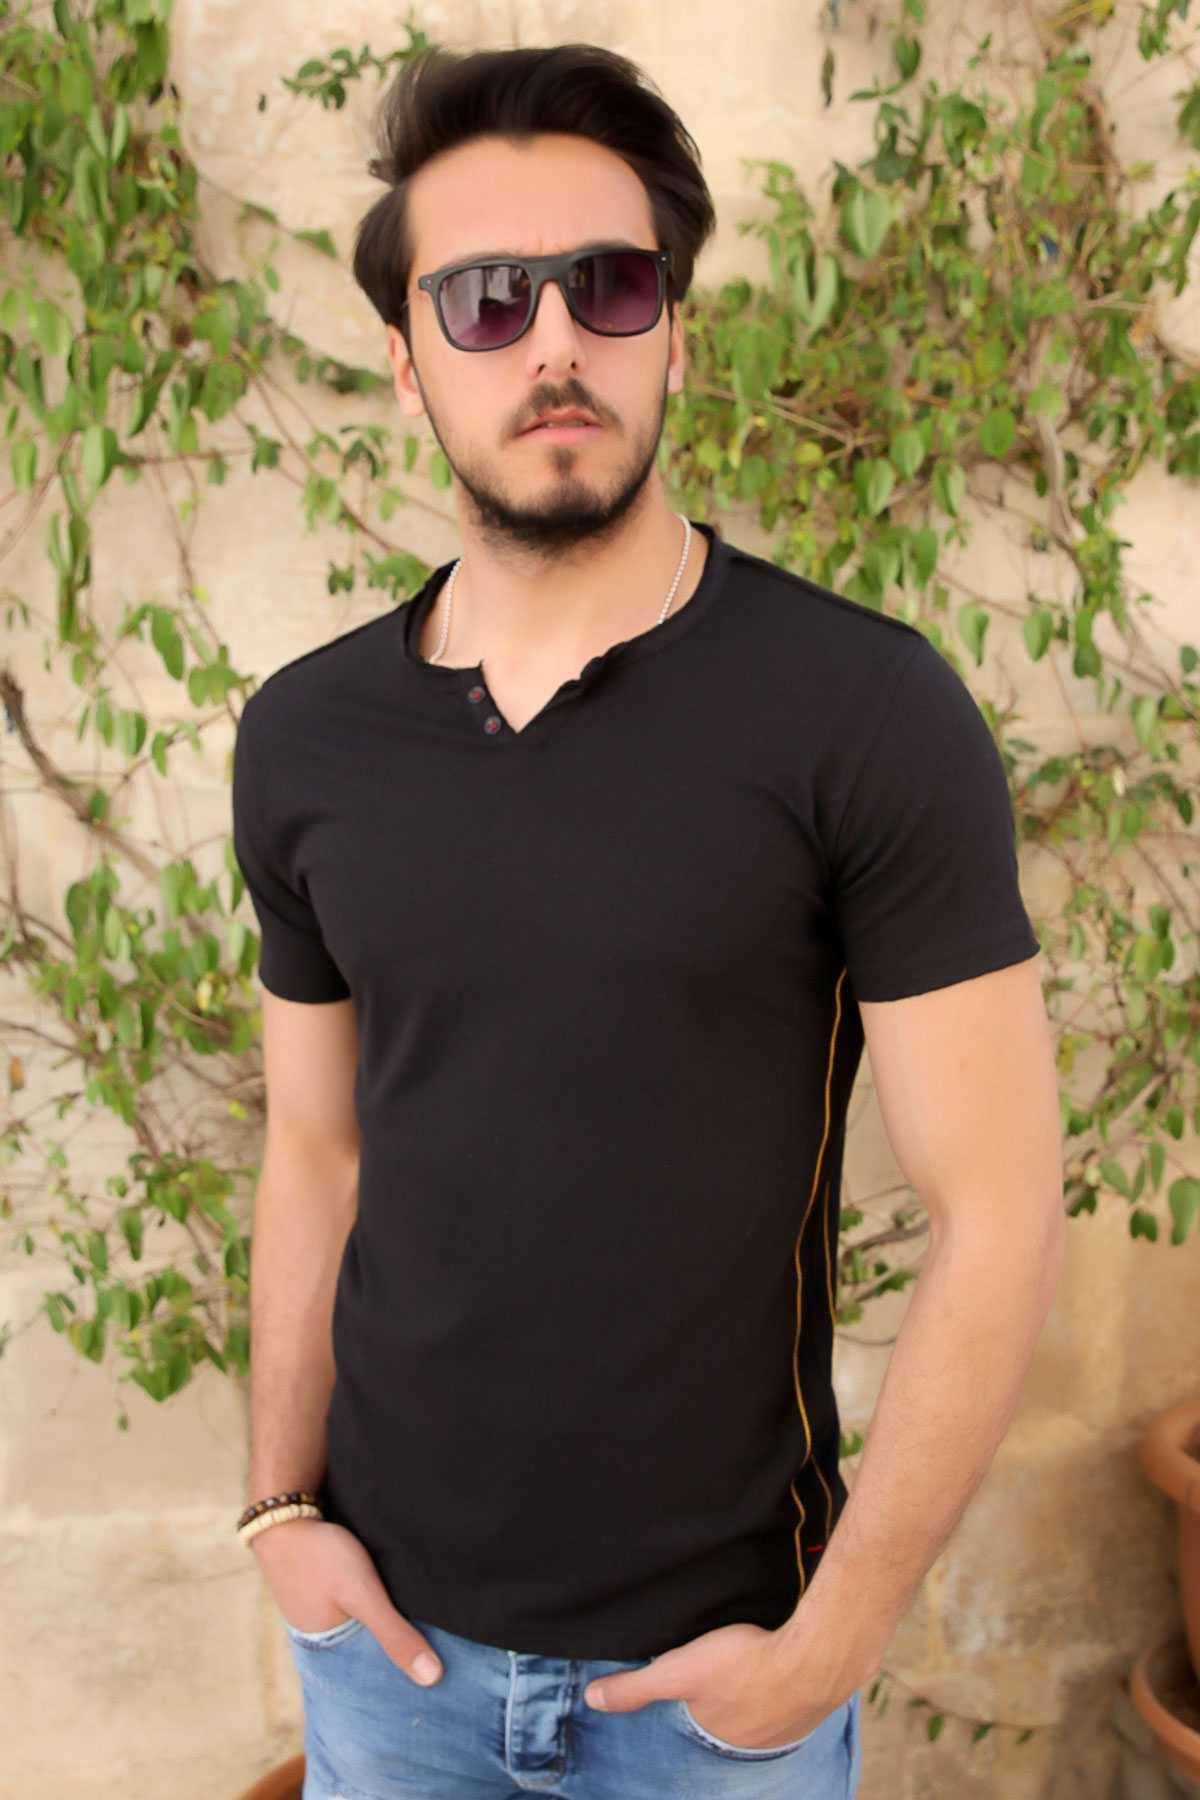 Yaka Çift Düğmeli Yanları İnce Şeritli Slim Fit Tişört Siyah